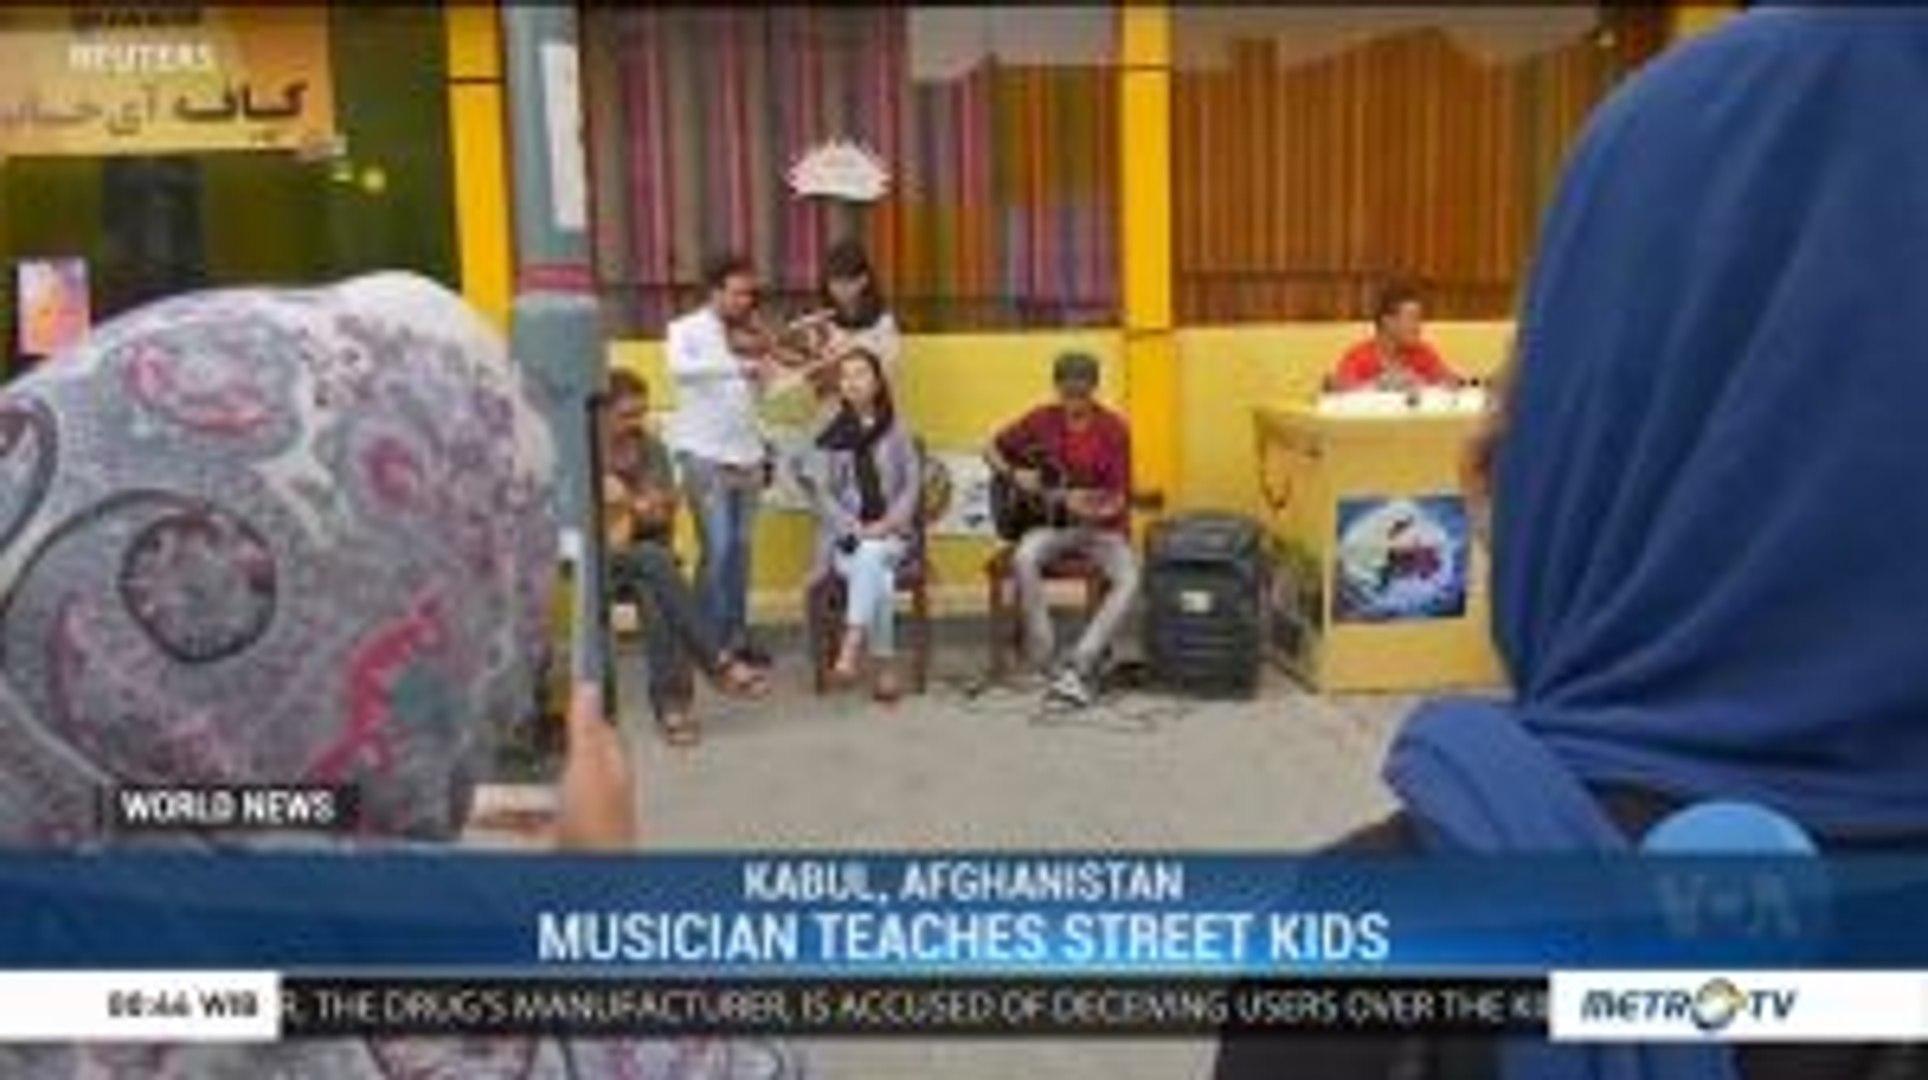 Kabul Musician Teaches Street Kids